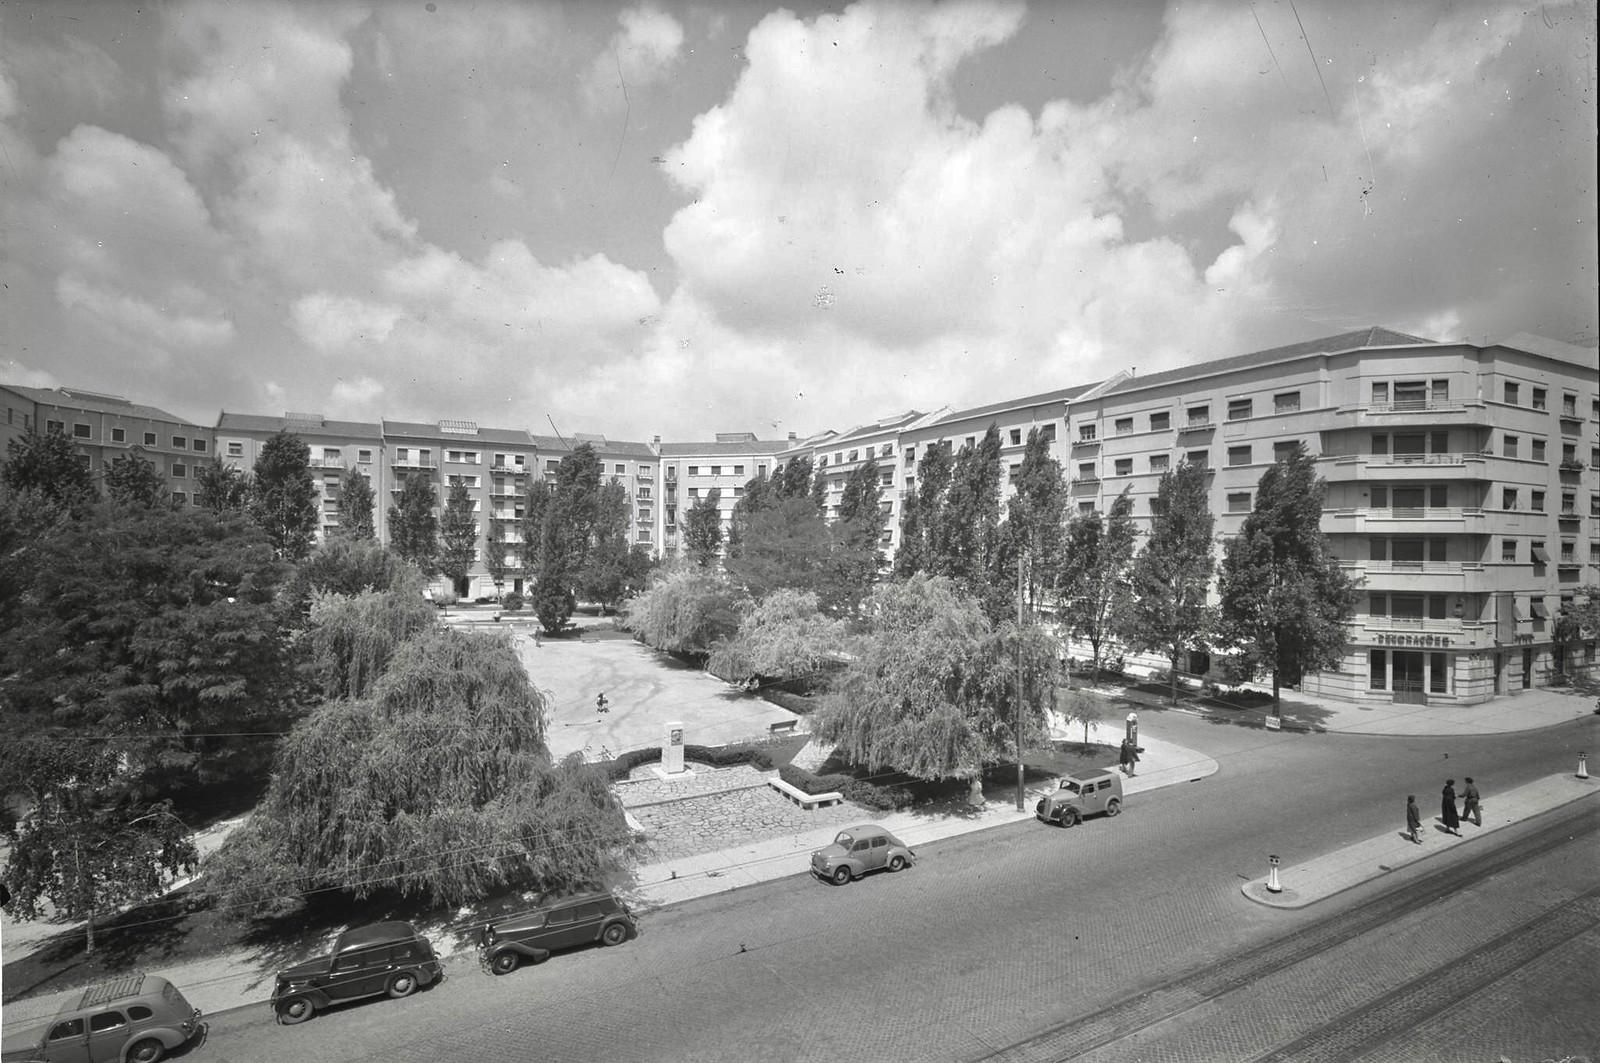 Praça João do Rio, Lisboa (A. Passaporte)